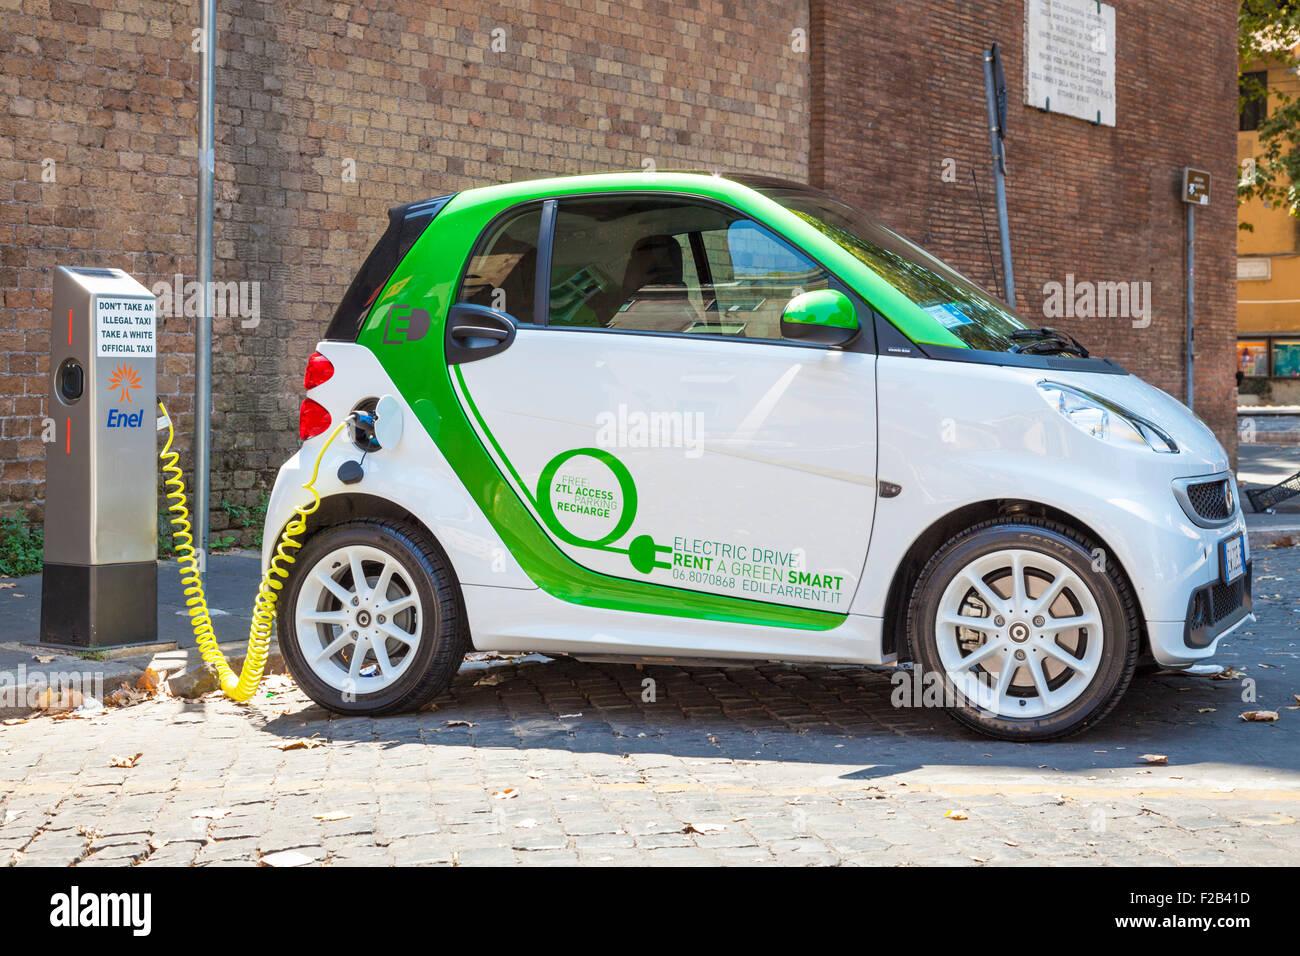 smart fortwo electric drive voiture lectrique branch une borne de recharge pour voitures. Black Bedroom Furniture Sets. Home Design Ideas